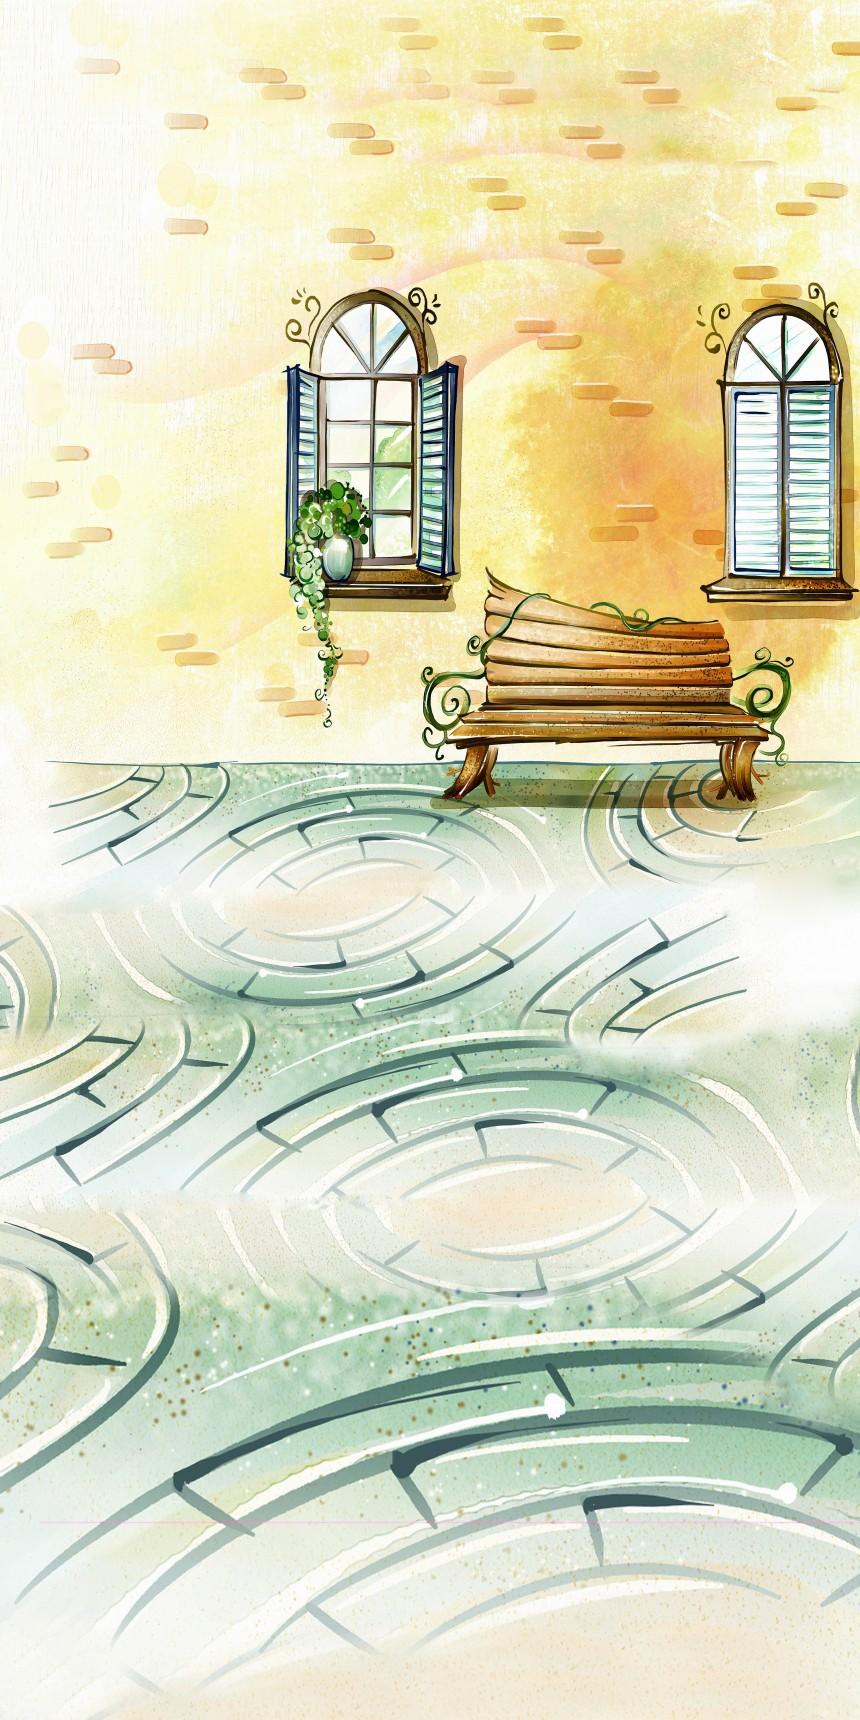 动漫卡通壁纸 (9)